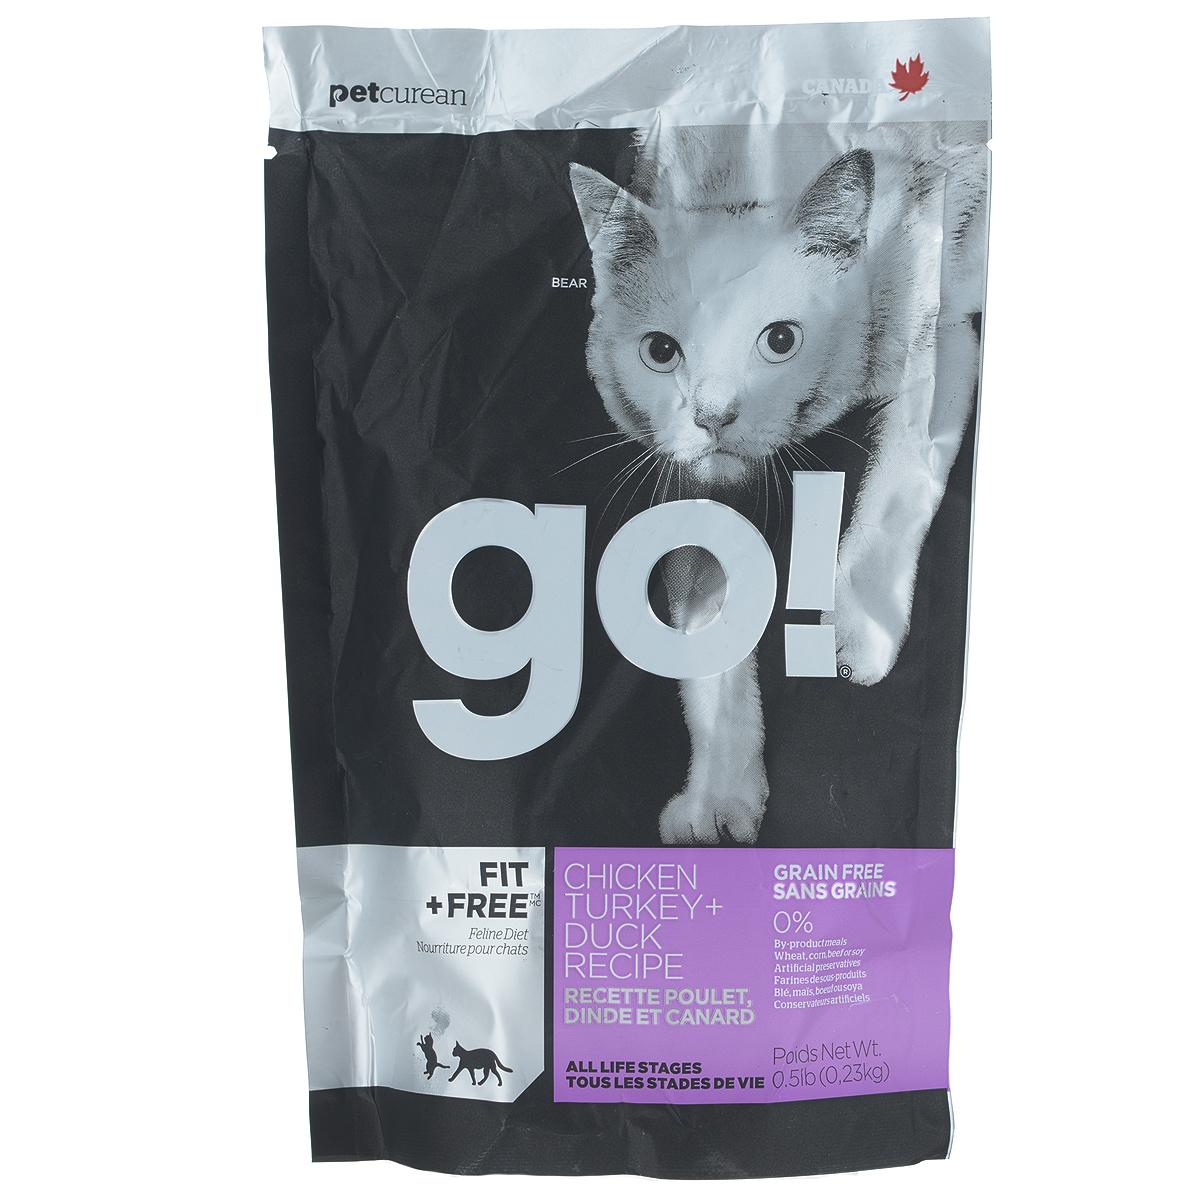 Корм сухой Go! для кошек и котят, беззерновой, с курицей, индейкой, уткой и лососем, 230 г20030Беззерновой сухой корм Go! для котят и кошек - это корм со сбалансированным содержание белков и жиров. Ключевые преимущества:- Полностью беззерновой,- Небольшое количество углеводов гарантирует поддержание оптимального веса кошки,- Пробиотики и пребиотики обеспечивают здоровое пищеварение,- Не содержит субпродуктов, красителей, говядины, мясных ингредиентов, выращенных на гормонах,- Таурин необходим для здоровья глаз и нормального функционирования сердечной мышцы,- Докозагексаеновая кислота (DHA) и эйкозапентаеновая кислота (EPA) необходима для нормальной деятельности мозга и здорового зрения,- Омега-масла в составе необходимы для здоровой кожи и шерсти,- Антиоксиданты укрепляют иммунную систему.Состав: свежее мясо курицы, филе курицы, филе индейки, утиное филе, свежее мясо индейки, свежее мясо лосося, филе форели, куриный жир (источник витамина Е), натуральный рыбный ароматизатор, горошек, картофель, свежие цельные яйца, картофельная мука, тапиока, филе лосося, филе утки, масло лосося, тыква, яблоки, морковь, бананы, черника, клюква, чечевица, брокколи, шпинат, творог, люцерна, сладкий картофель, ежевика, папайя, ананас, фосфорная кислота, хлорид натрия, хлорид калия, DL-метионин, таурин, холин хлорид, сушеный корень цикория, Lactobacillus, Enterococcusfaecium, Aspergillus, витамины (витамин А , Витамин D3, витамин Е, никотиновая кислота, инозит, L-аскорбил-2-полифосфатов (источник витамина С), тиамина мононитрат, D-пантотенат кальция, рибофлавин, пиридоксин гидрохлорид, бета-каротин, фолиевая кислота, биотин, витамин В12), минералы (цинка протеинат, железа протеинат, меди протеинат, оксид цинка, марганца протеинат, сульфат меди, йодат кальция, сульфат железа, оксид марганца, селенит натрия), экстракт юкка Шидигера, дрожжевой экстракт, сушеный розмарин.Гарантированный анализ: белки 46%, жиры 18%, клетчатка 1,5%, влажность (max) 10%, зола (max) 9%, фосфор 1,1%, магний 0,09